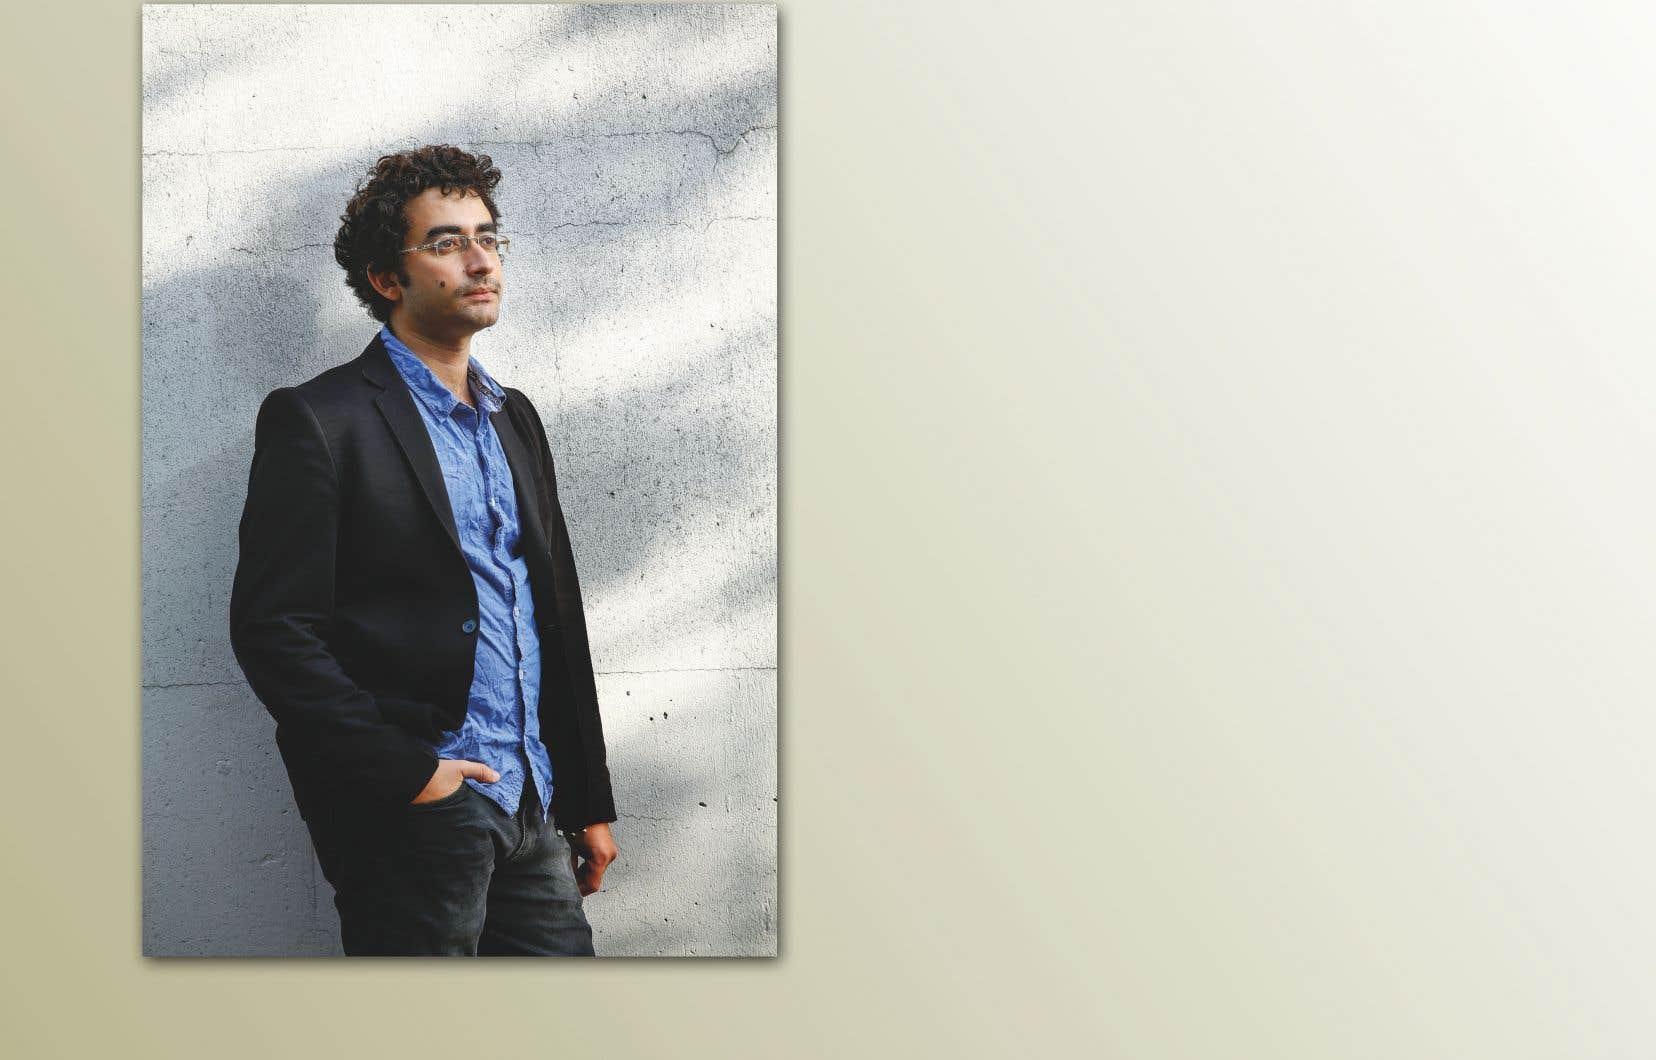 Inscrit sur les listes noires du régime syrien, pendant le printemps arabe, l'écrivain Omar Youssef Souleimane a dû traverser illégalement la frontière jordanienne, en 2012, à pied par les montagnes.